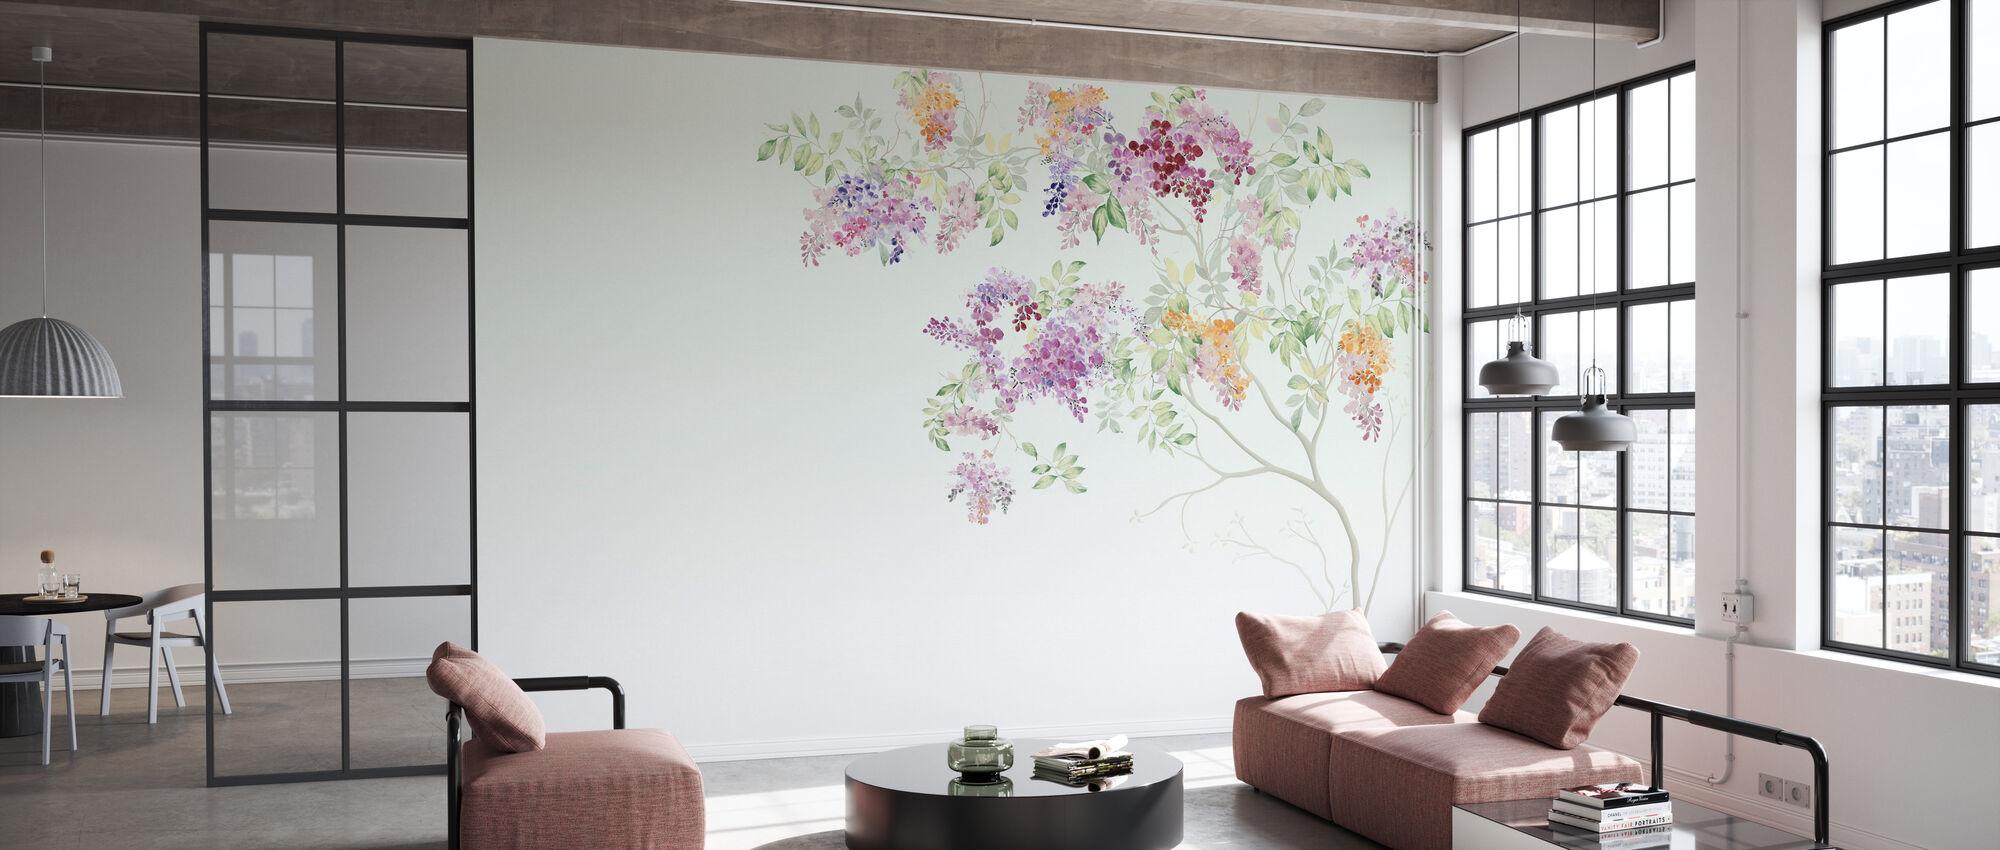 Lovely Flower Branch - Wallpaper - Office